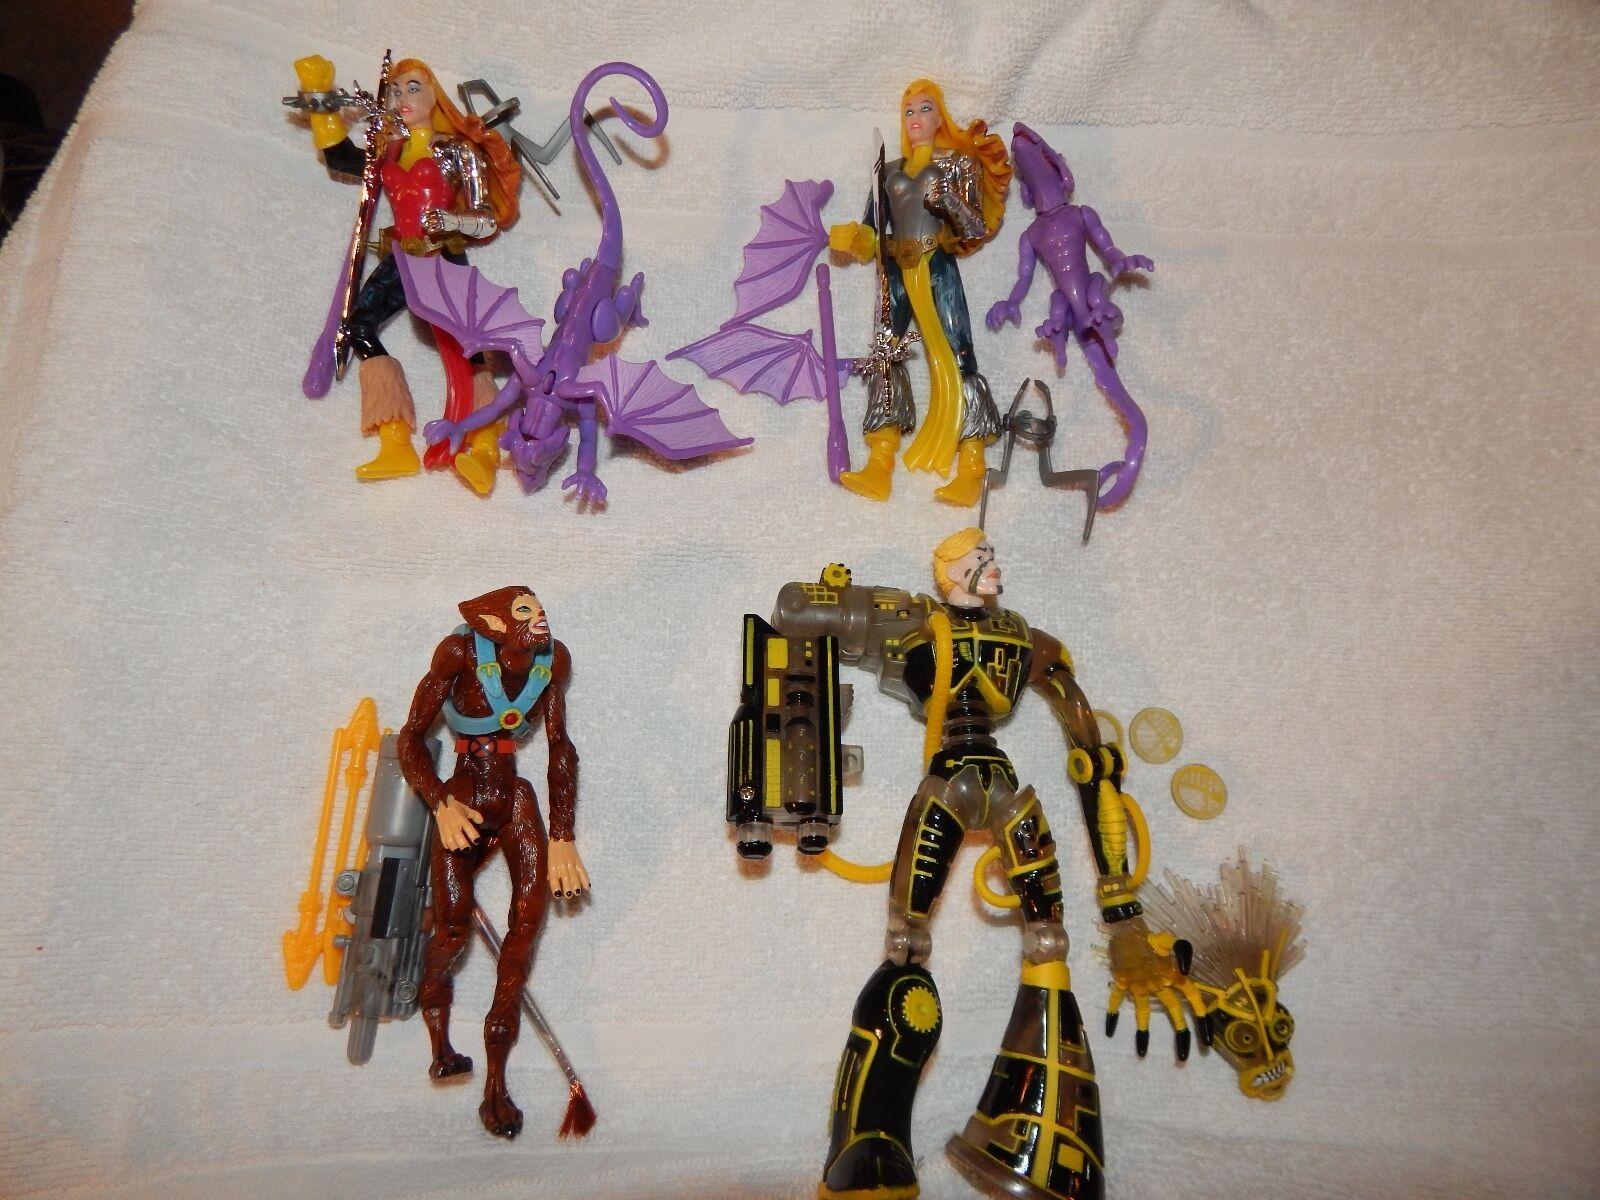 Xmen neue mutanten - komplett - set 4 actionfiguren locker toybiz nie angezeigt.